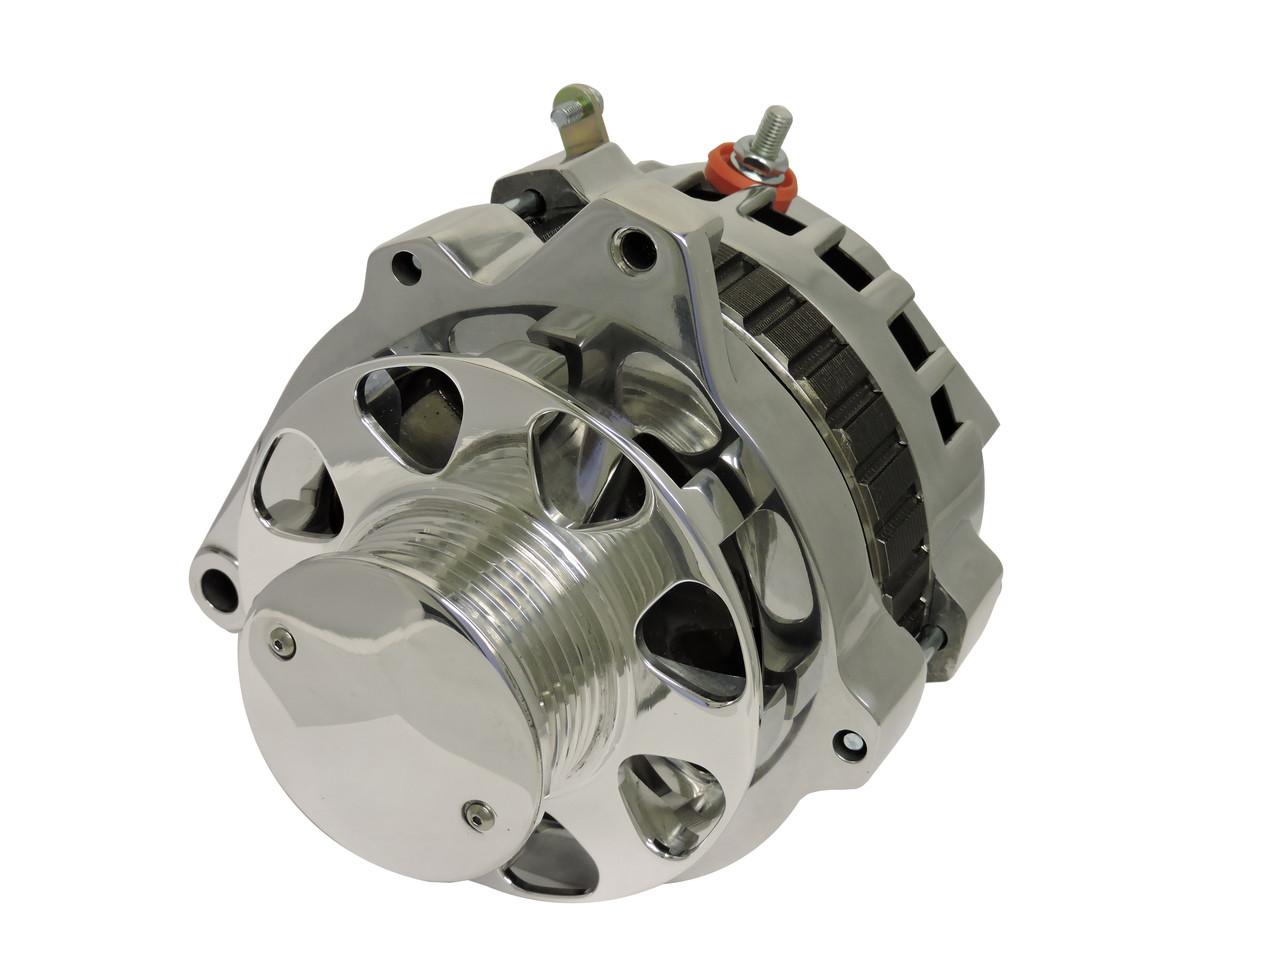 3046 Gm 160 Amp Alternator Wiring | Wiring Resources gm alternator identification Wiring Resources